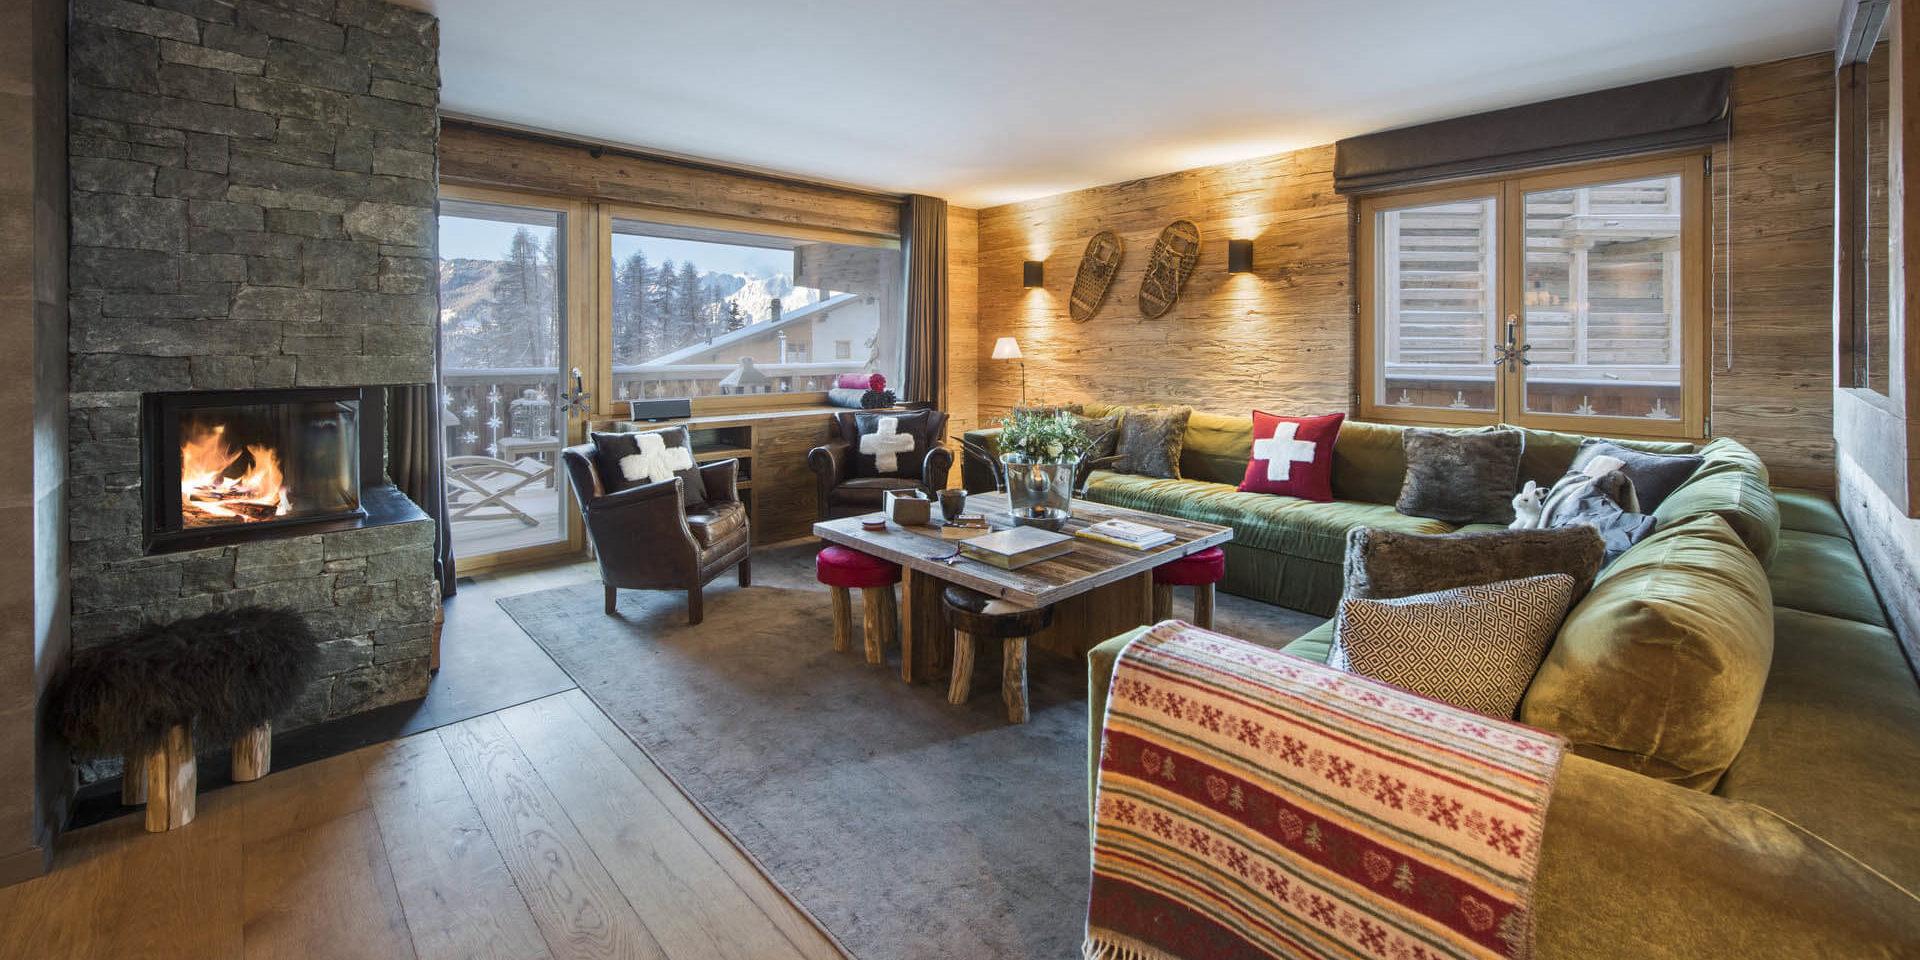 Appartement Rosalp 4 Verbier Les 4 Vallees Zwitserland wintersport skivakantie luxe living open haard groen hoekbank fauteuils kussens kleed balkon uitzicht bomen sneeuw bergen